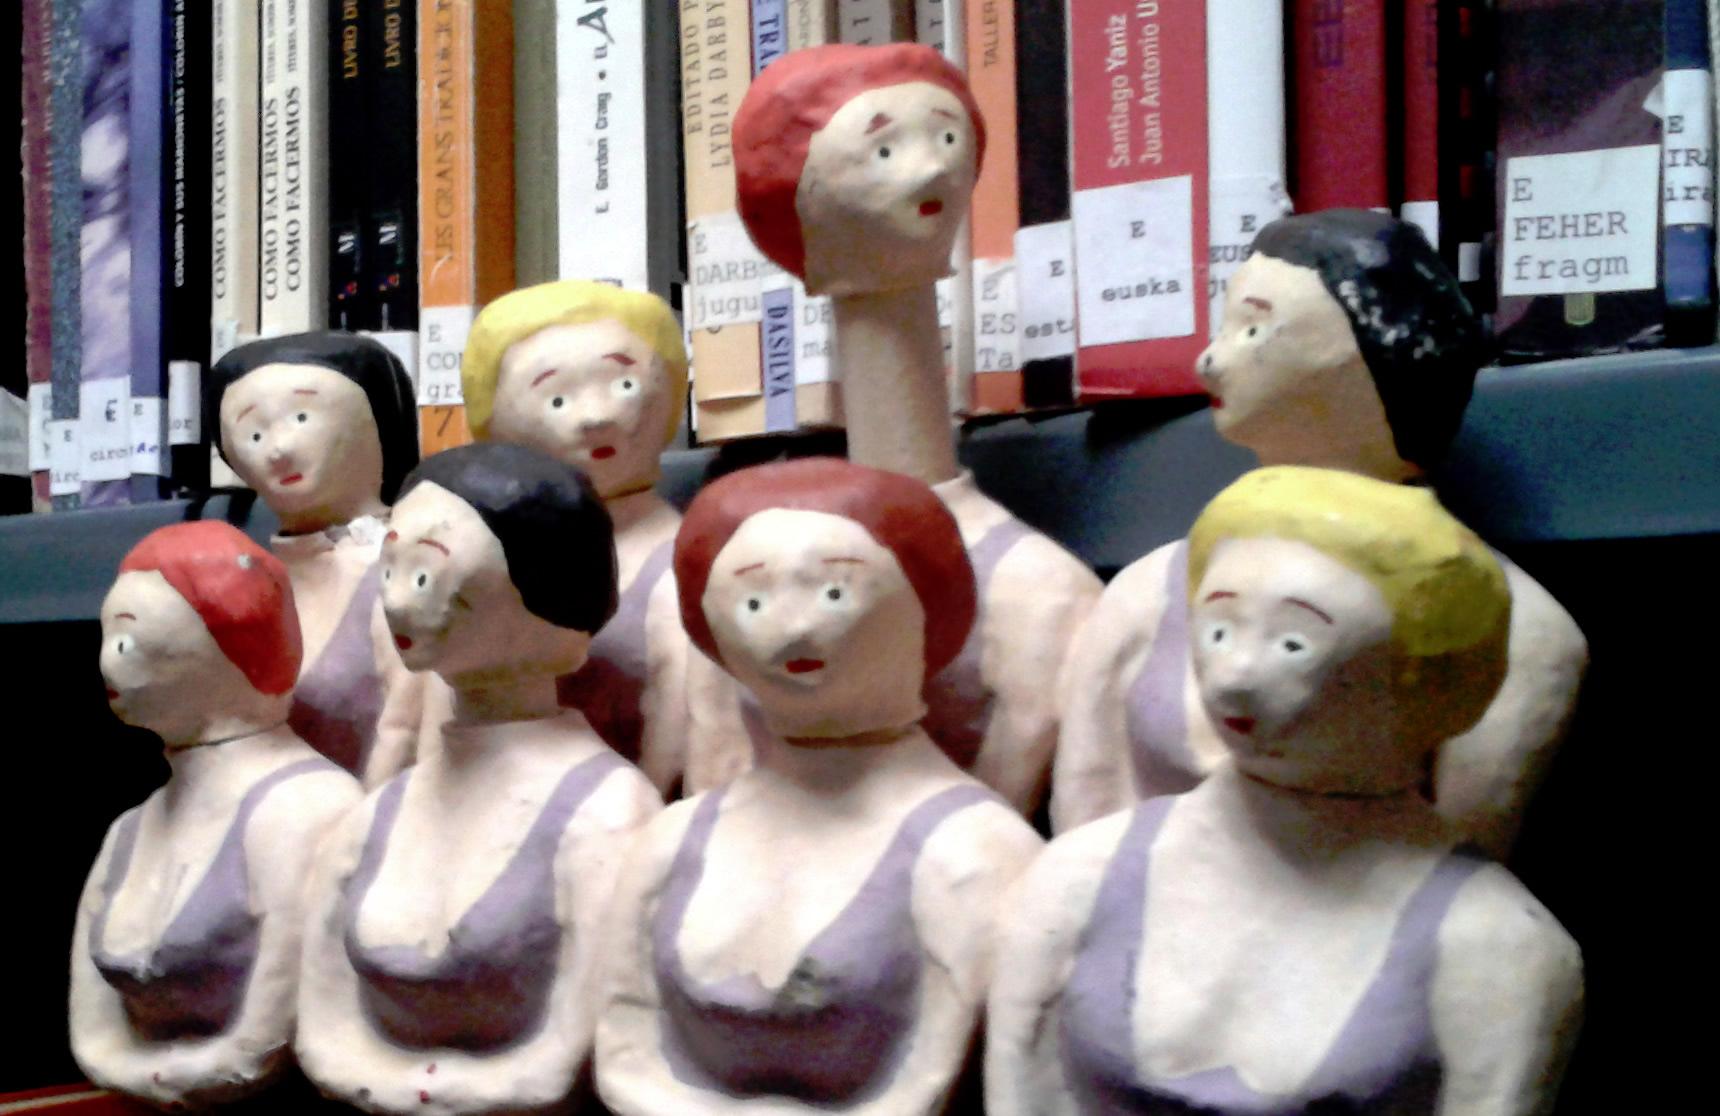 Os encontros de titiriteiros marcaron a evolución da arte dos bonecos no país